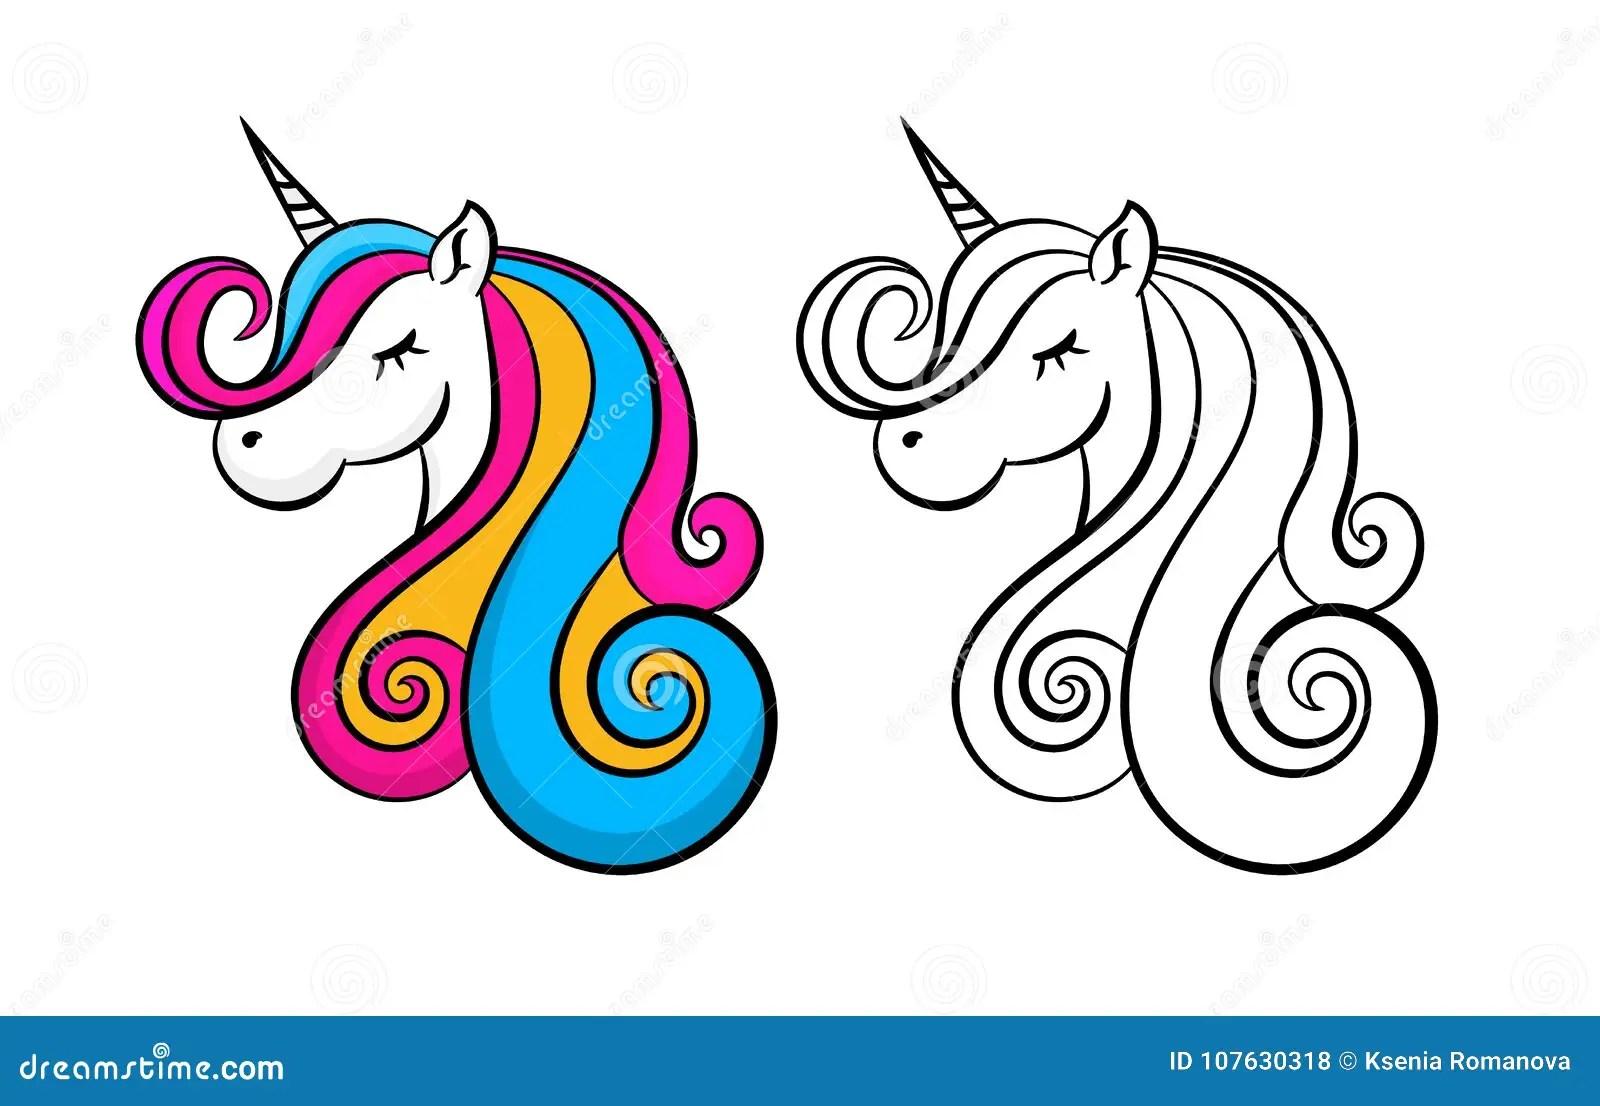 Color Lovely Unicorn Outline Contour Head Portrait